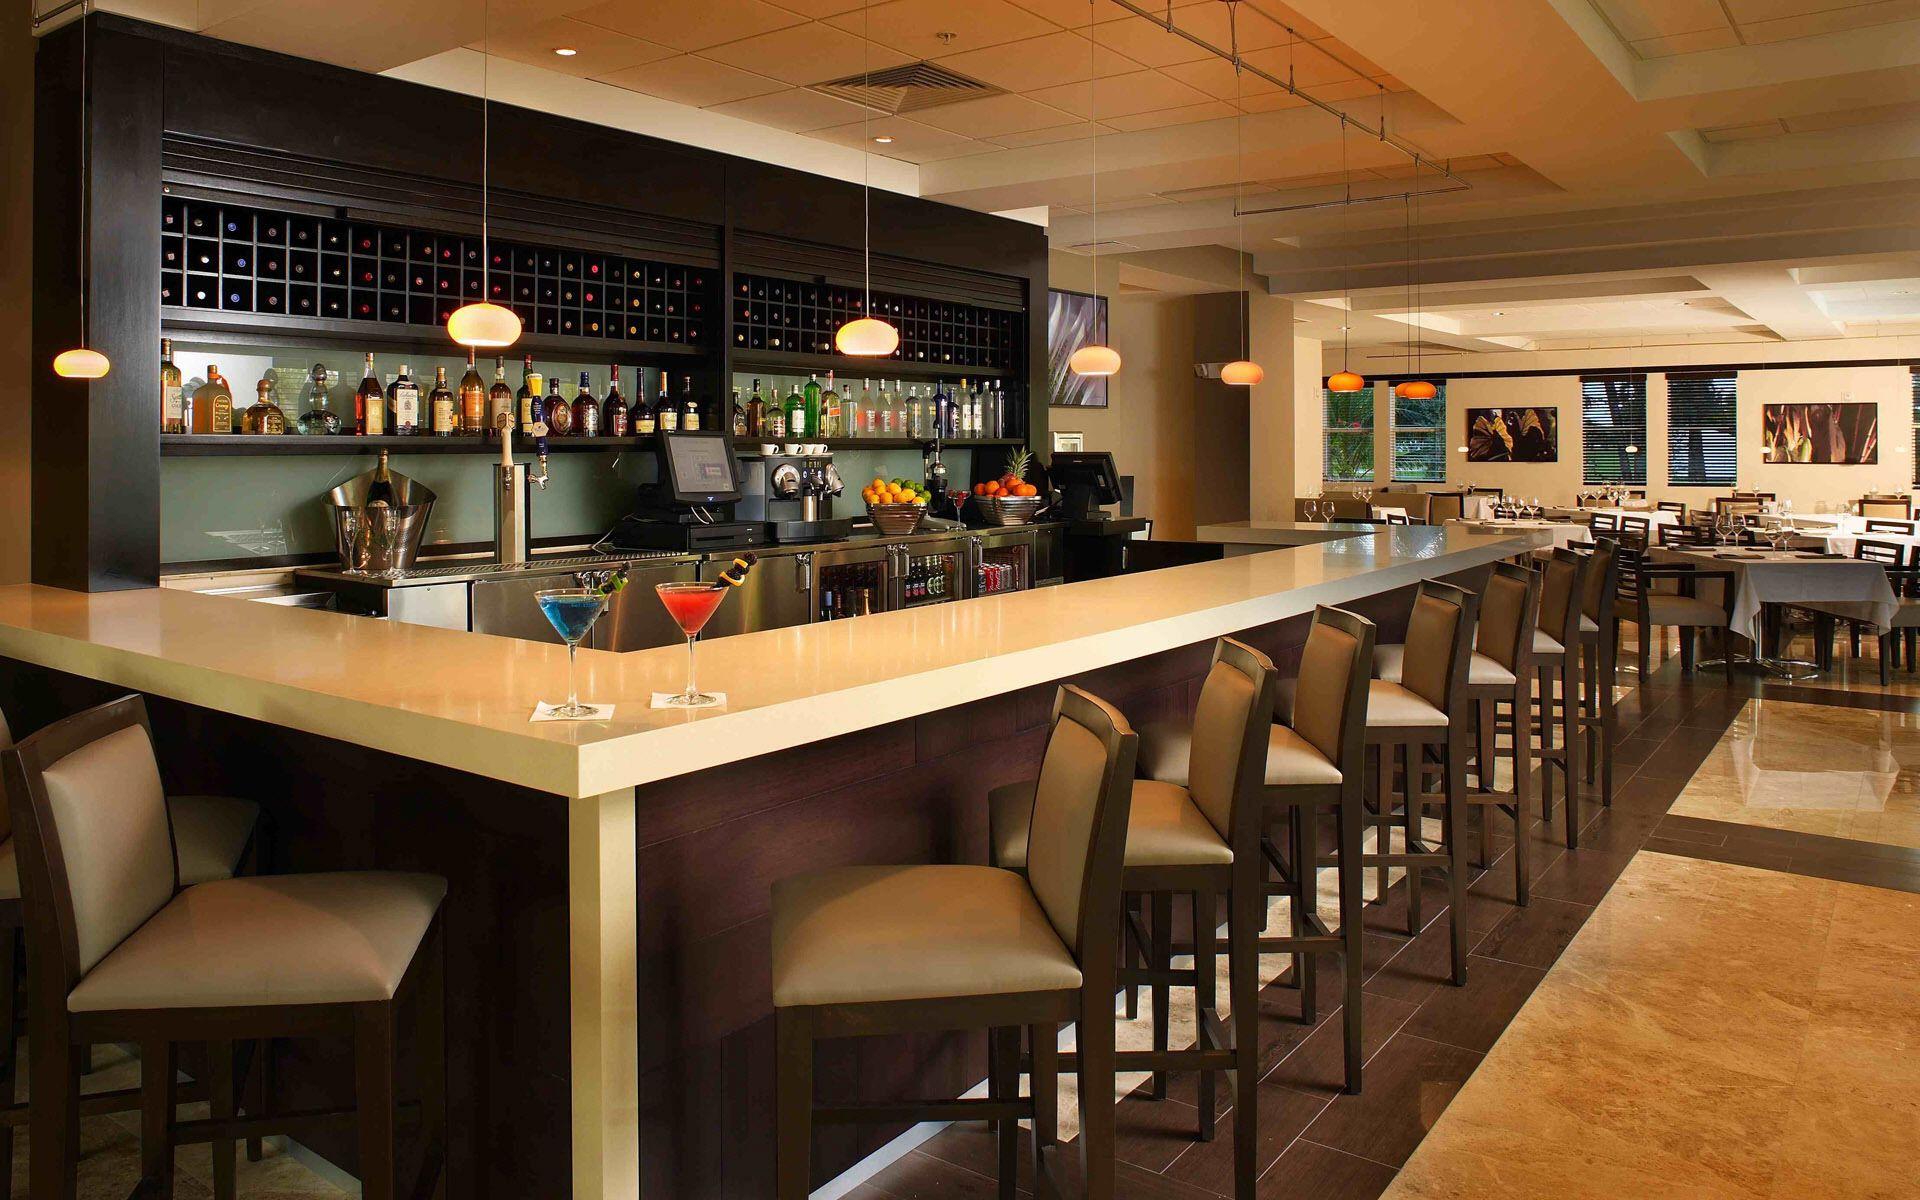 commercial u shaped bar designs | shaped bar | Diff bar ideas ...